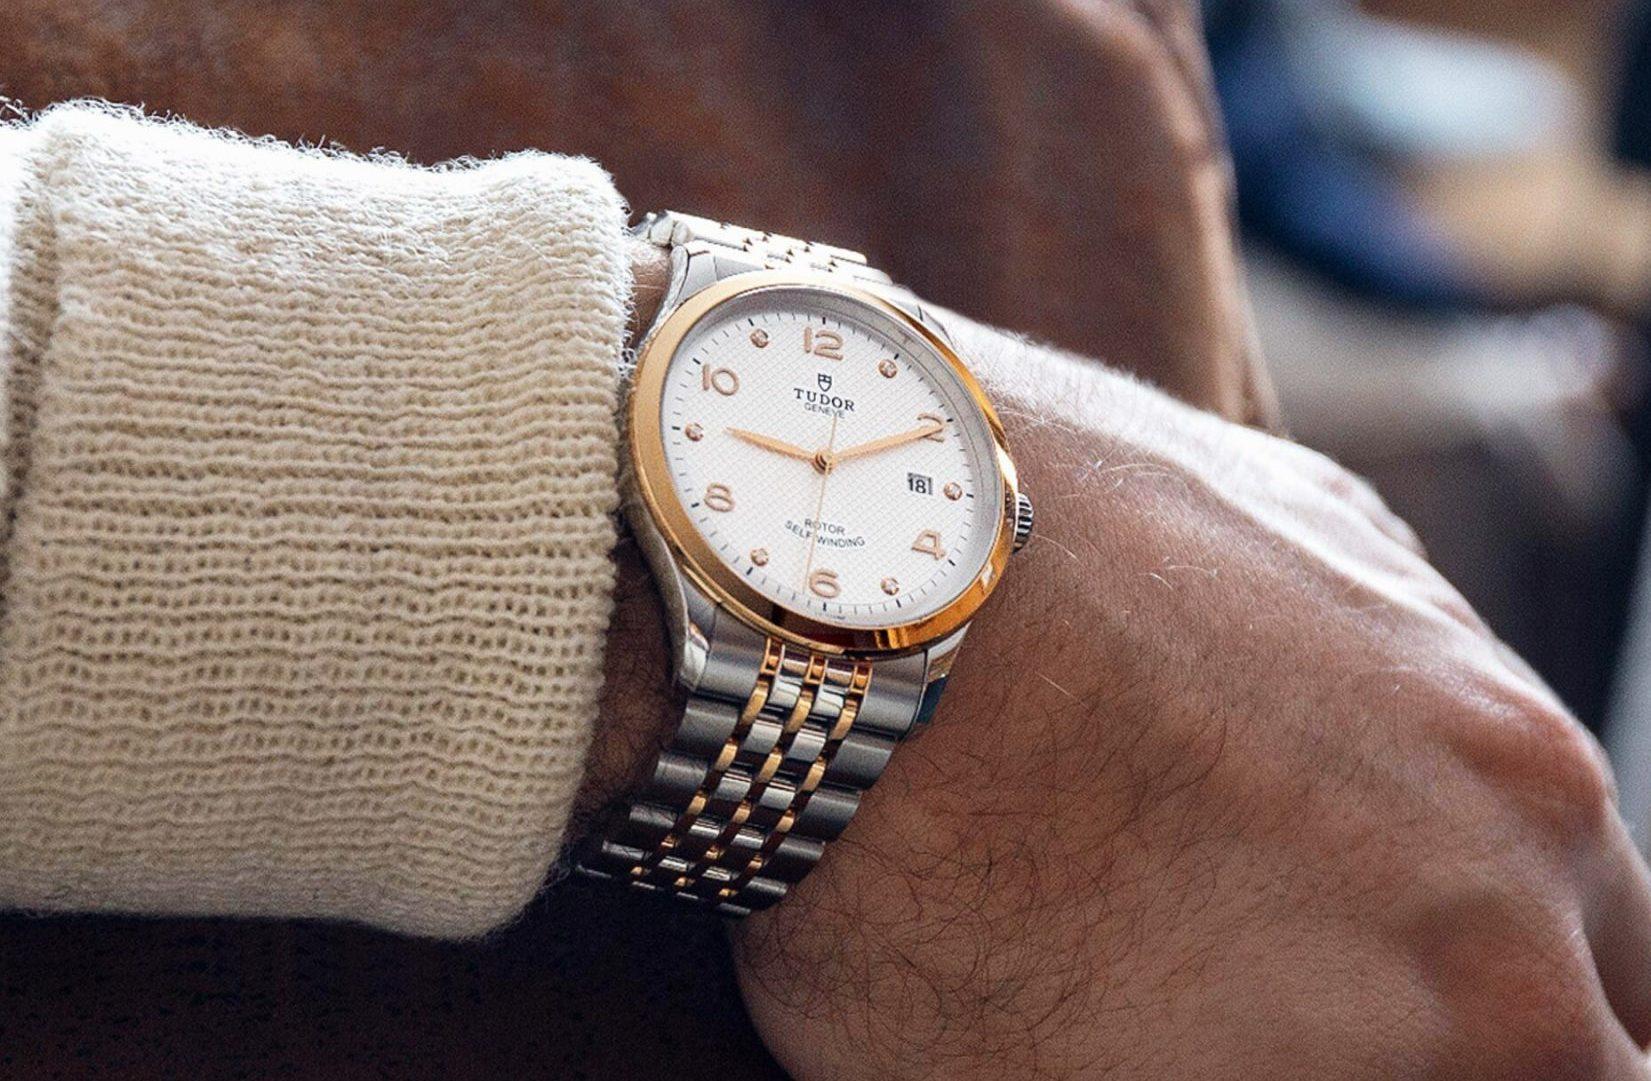 1926 watch on wrist desktop landscape rw